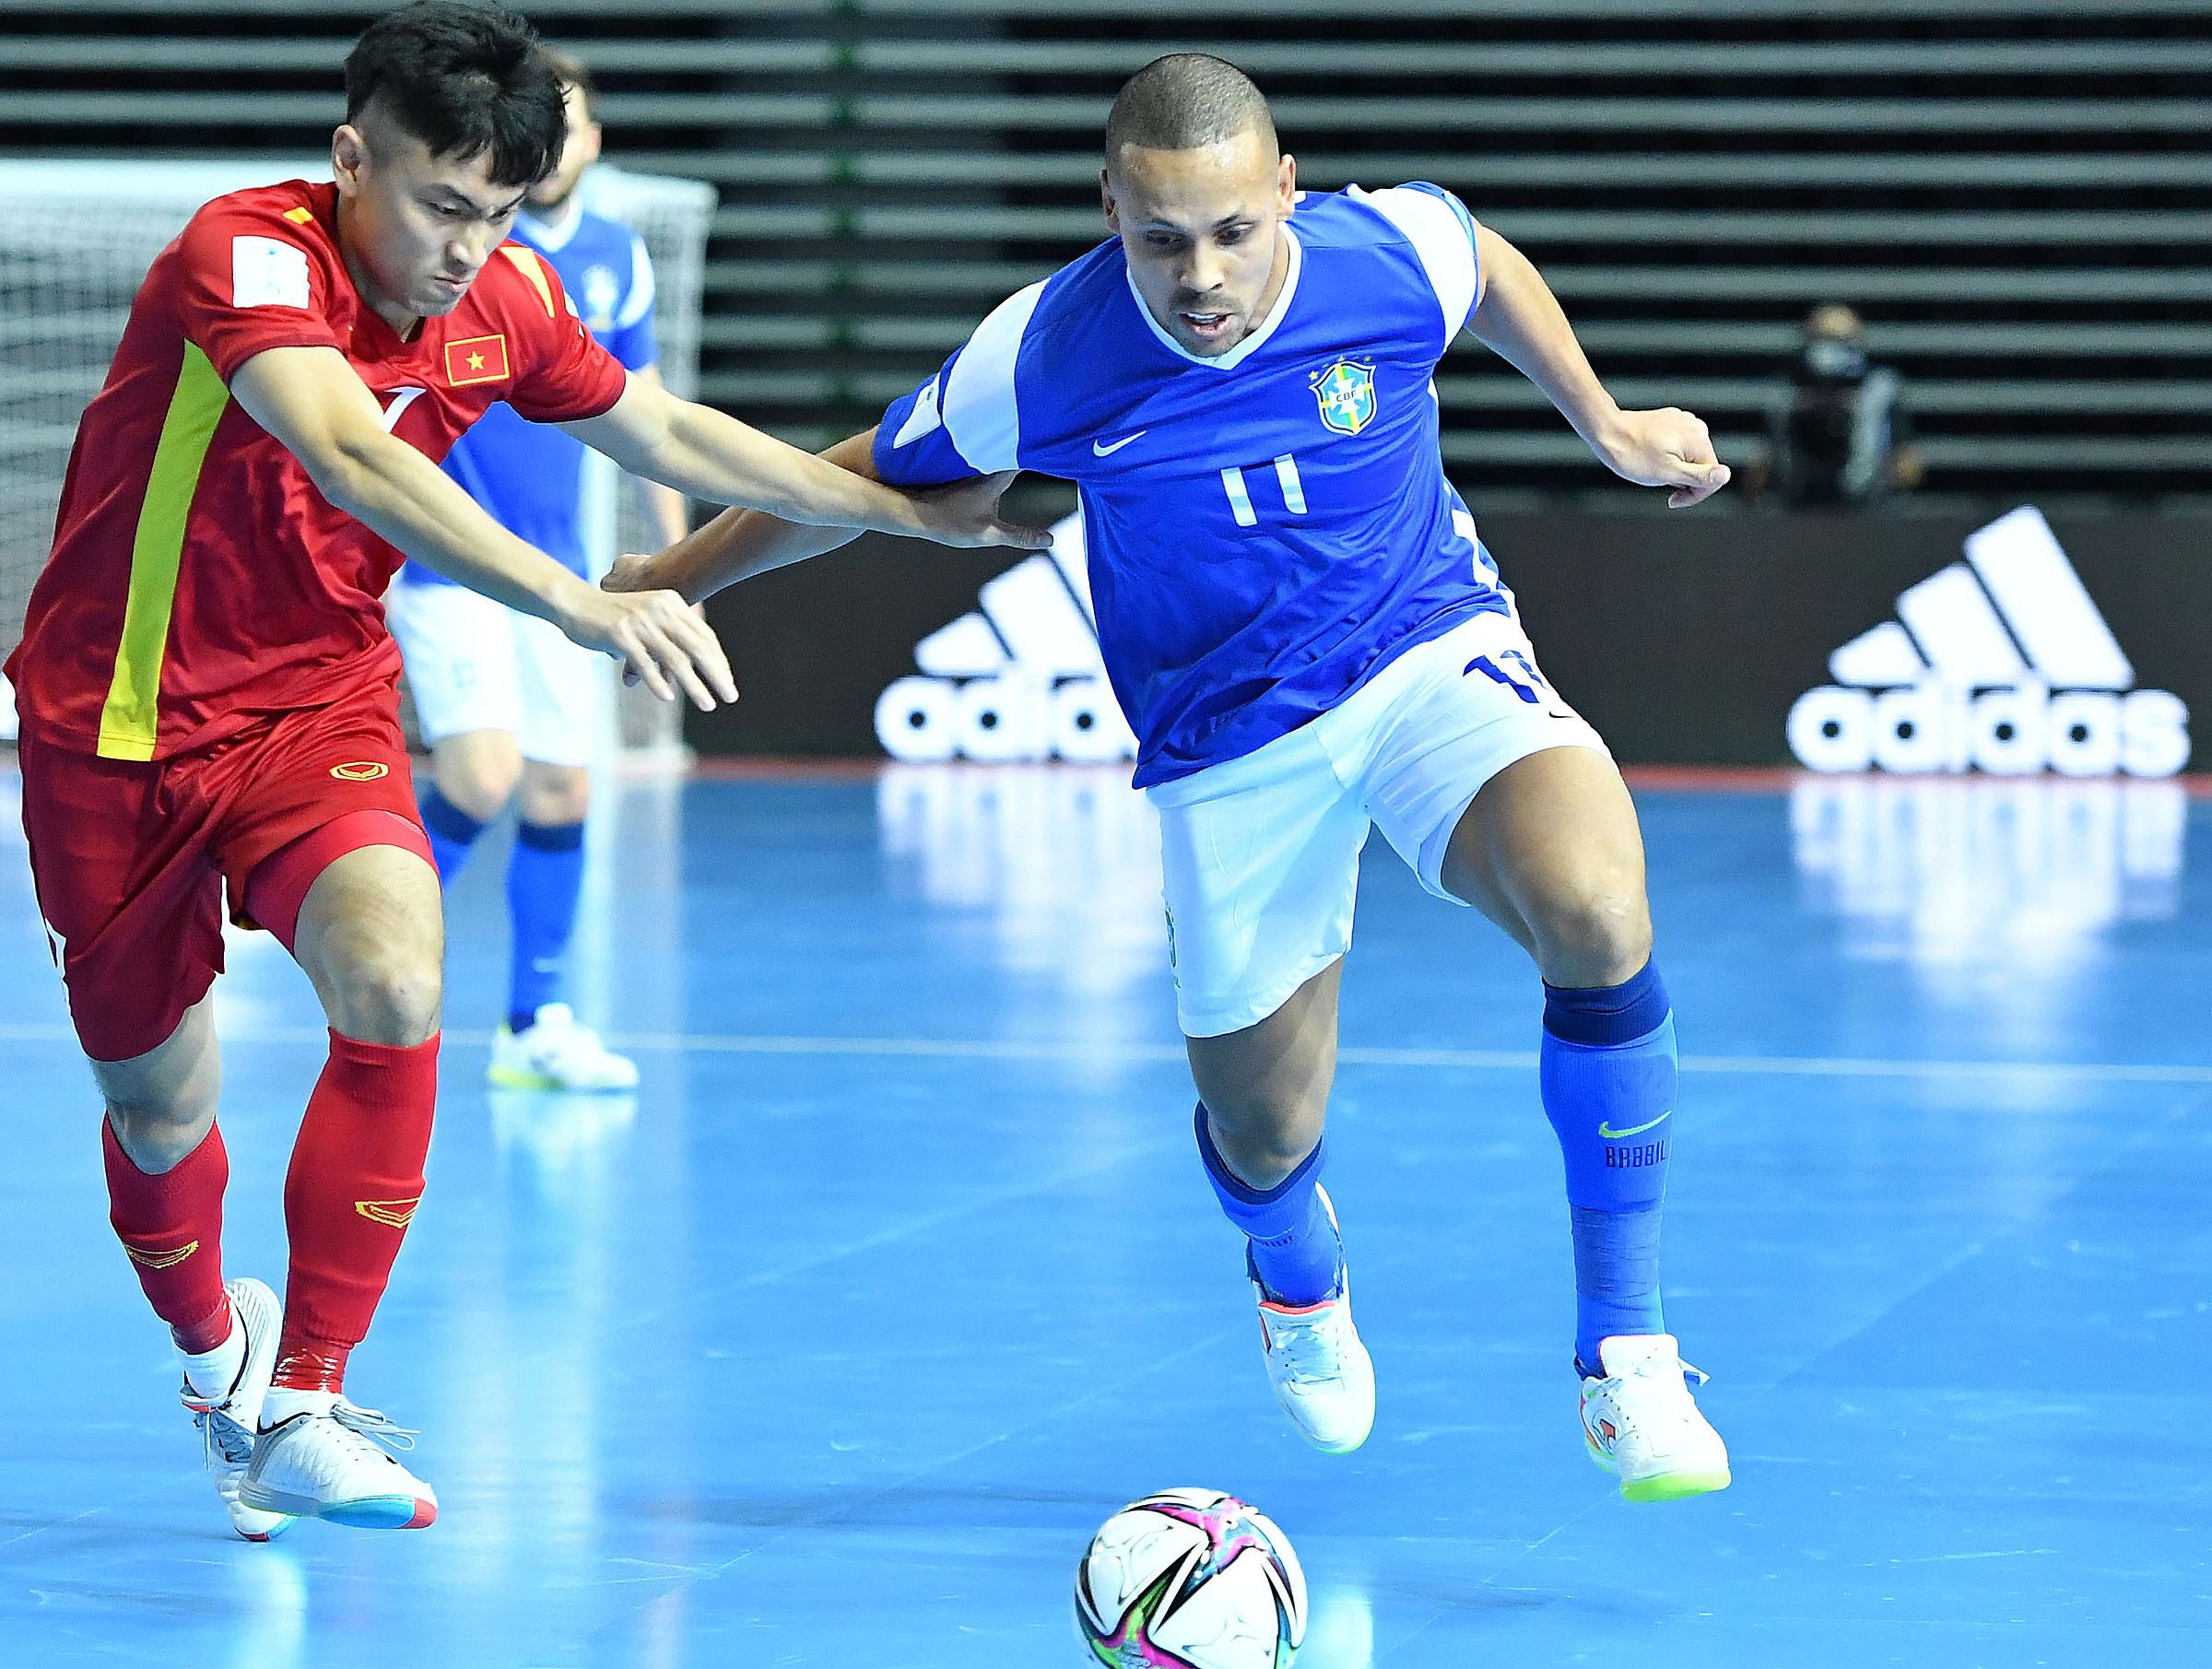 Hàng thủ Việt Nam vất vả theo kèm Ferrao - chân sút lợi hại nhất futsal thế giới hiện nay. Ảnh: VFF